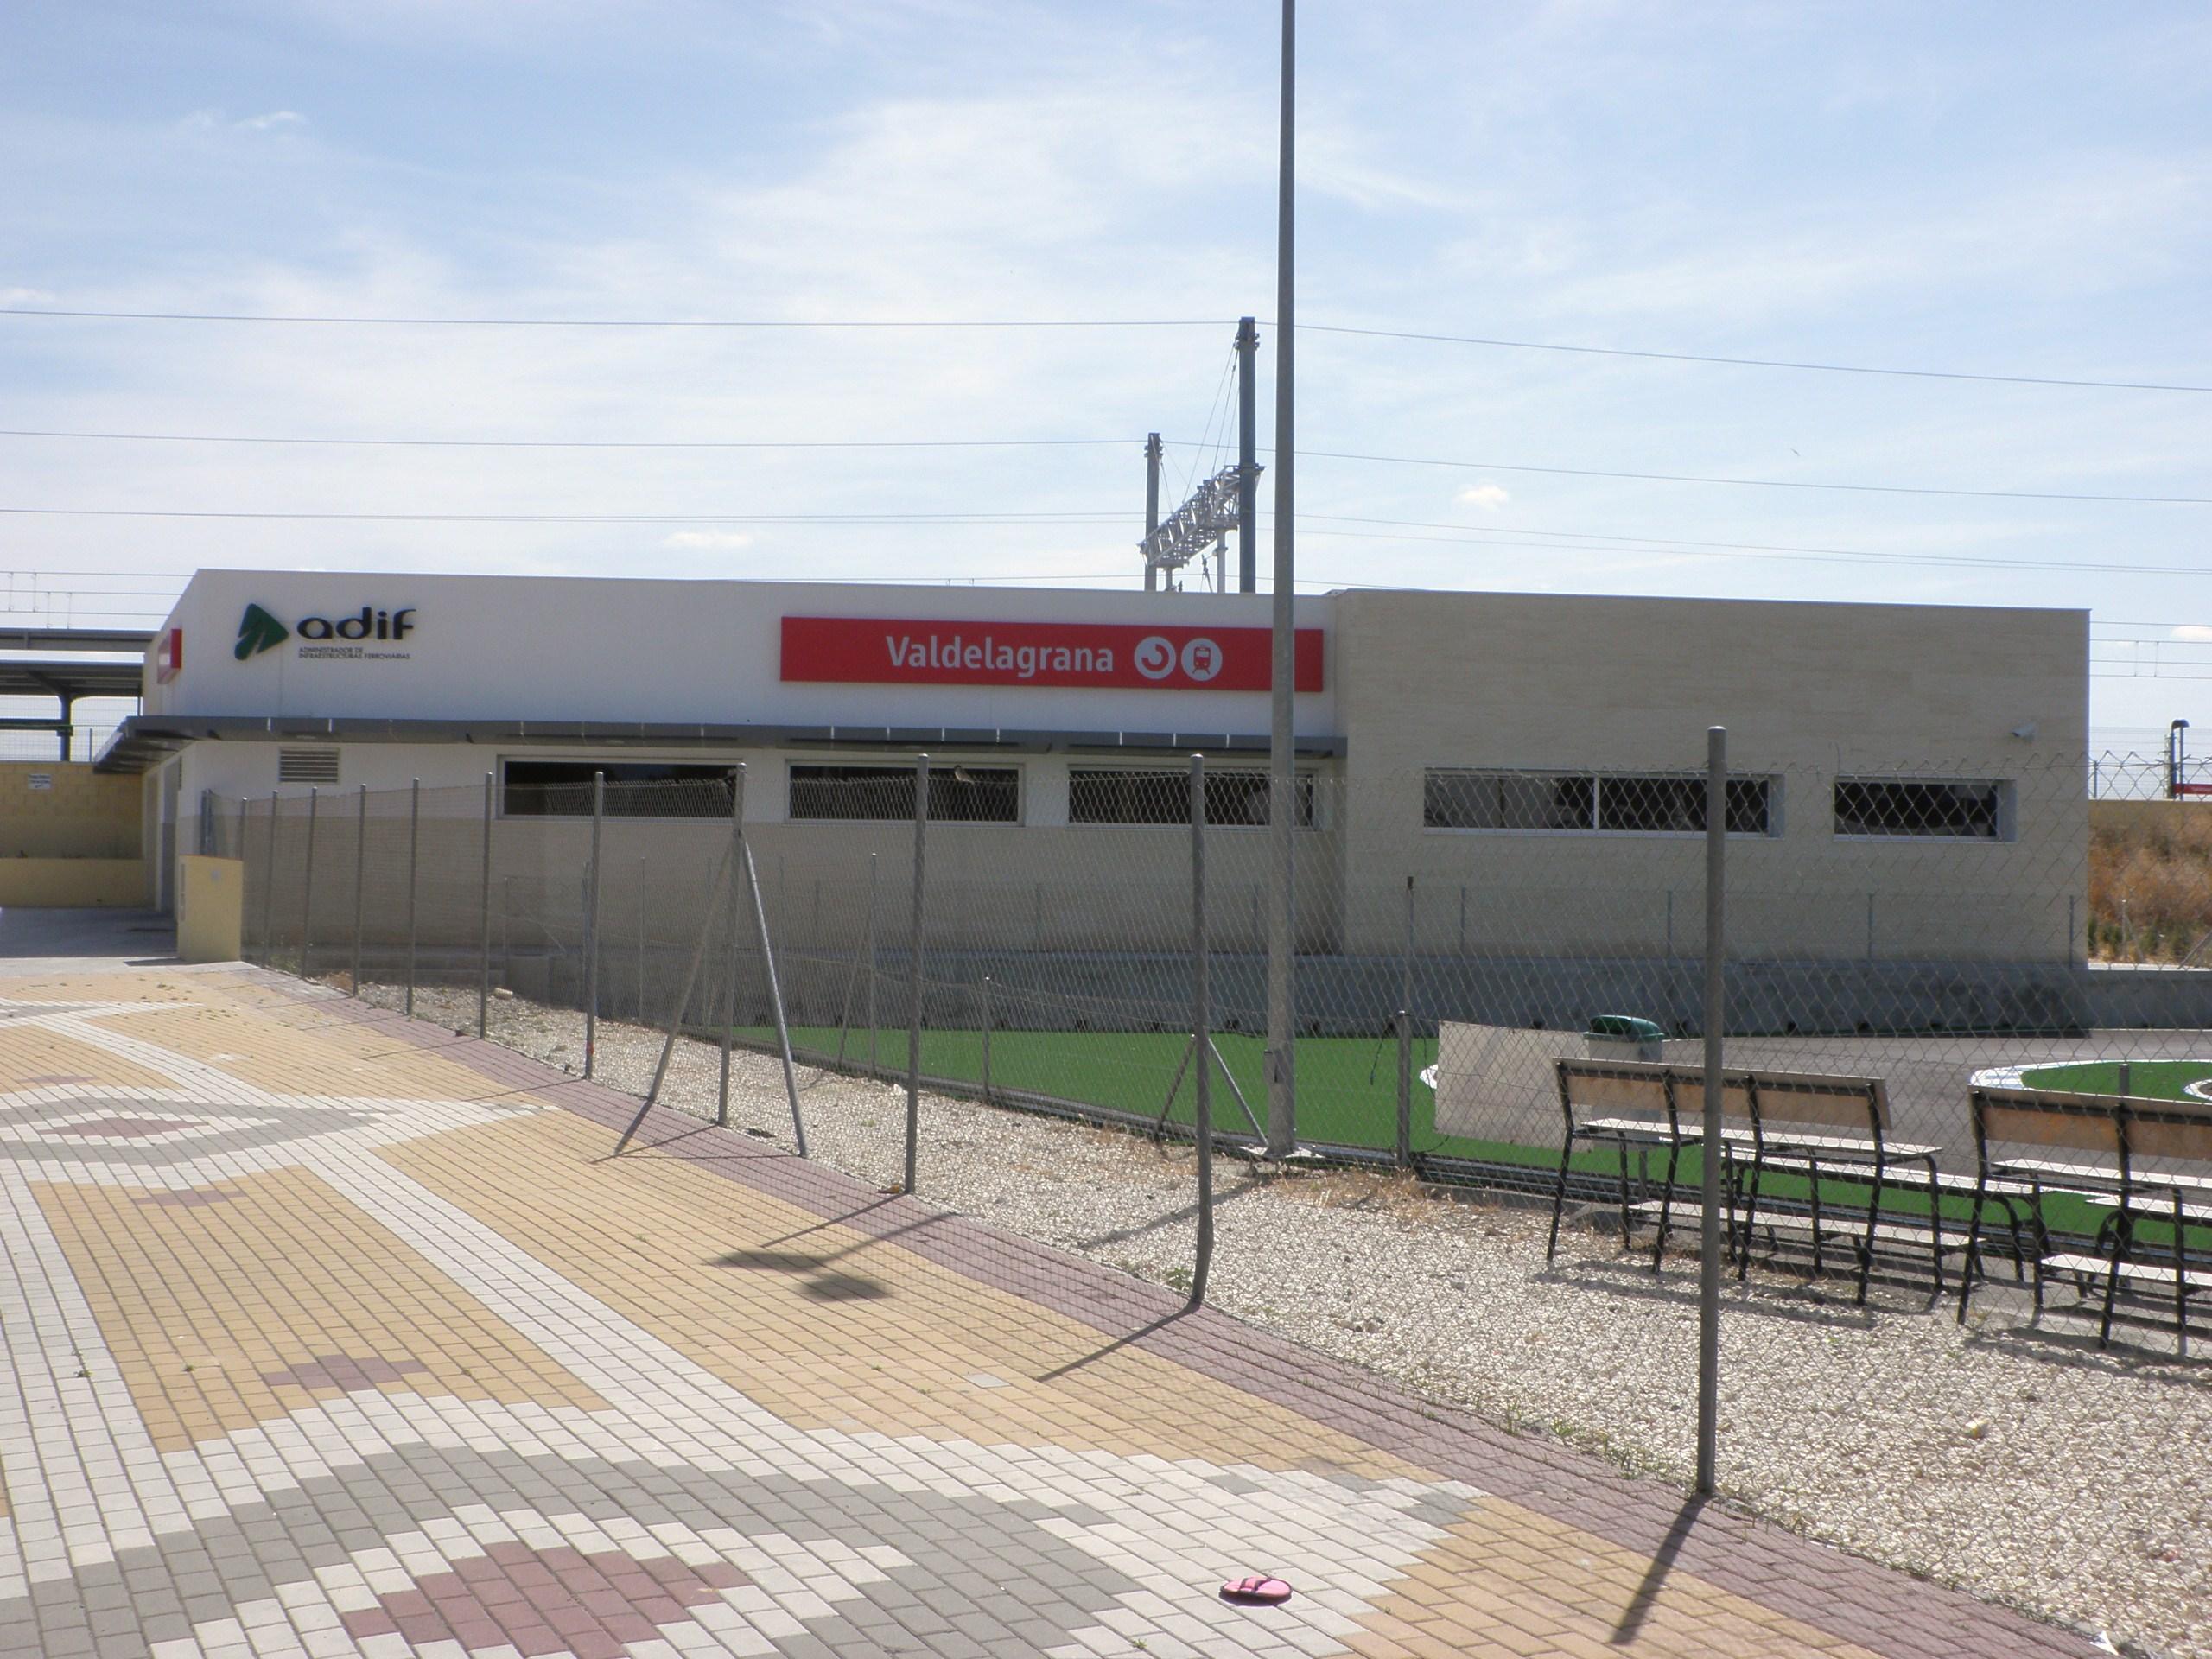 File estaci n de trenes de valdelagrana el puerto de santa mar a c diz espa wikimedia - Tren el puerto de santa maria madrid ...